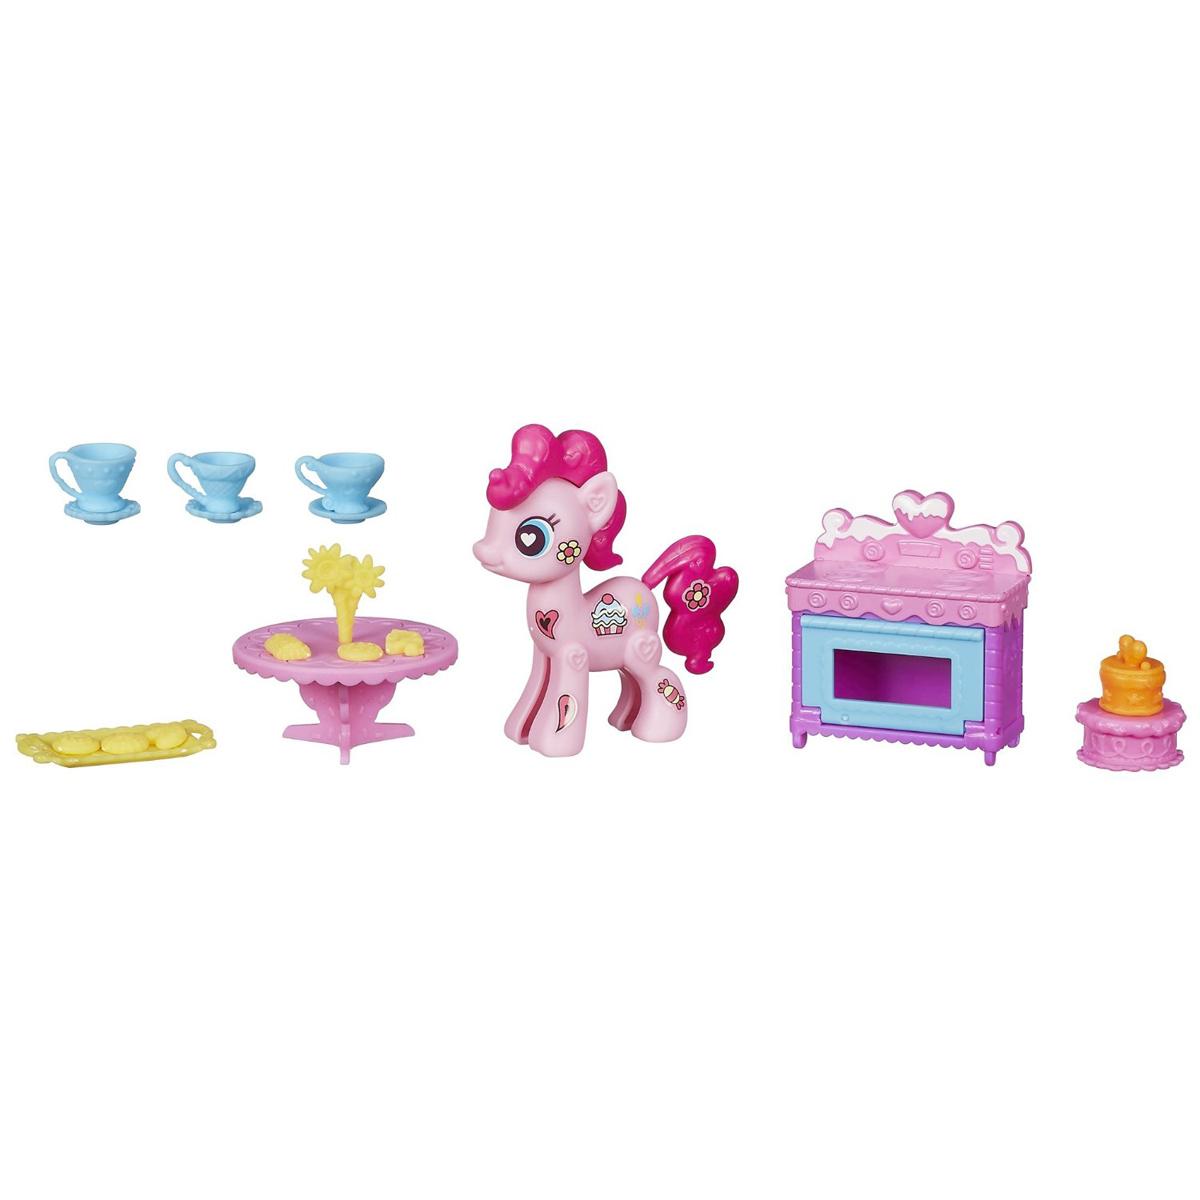 Рор тематический набор - Пони Пинки Пай на вечеринке, My Little PonyМоя маленькая пони (My Little Pony)<br>Рор тематический набор - Пони Пинки Пай на вечеринке, My Little Pony<br>